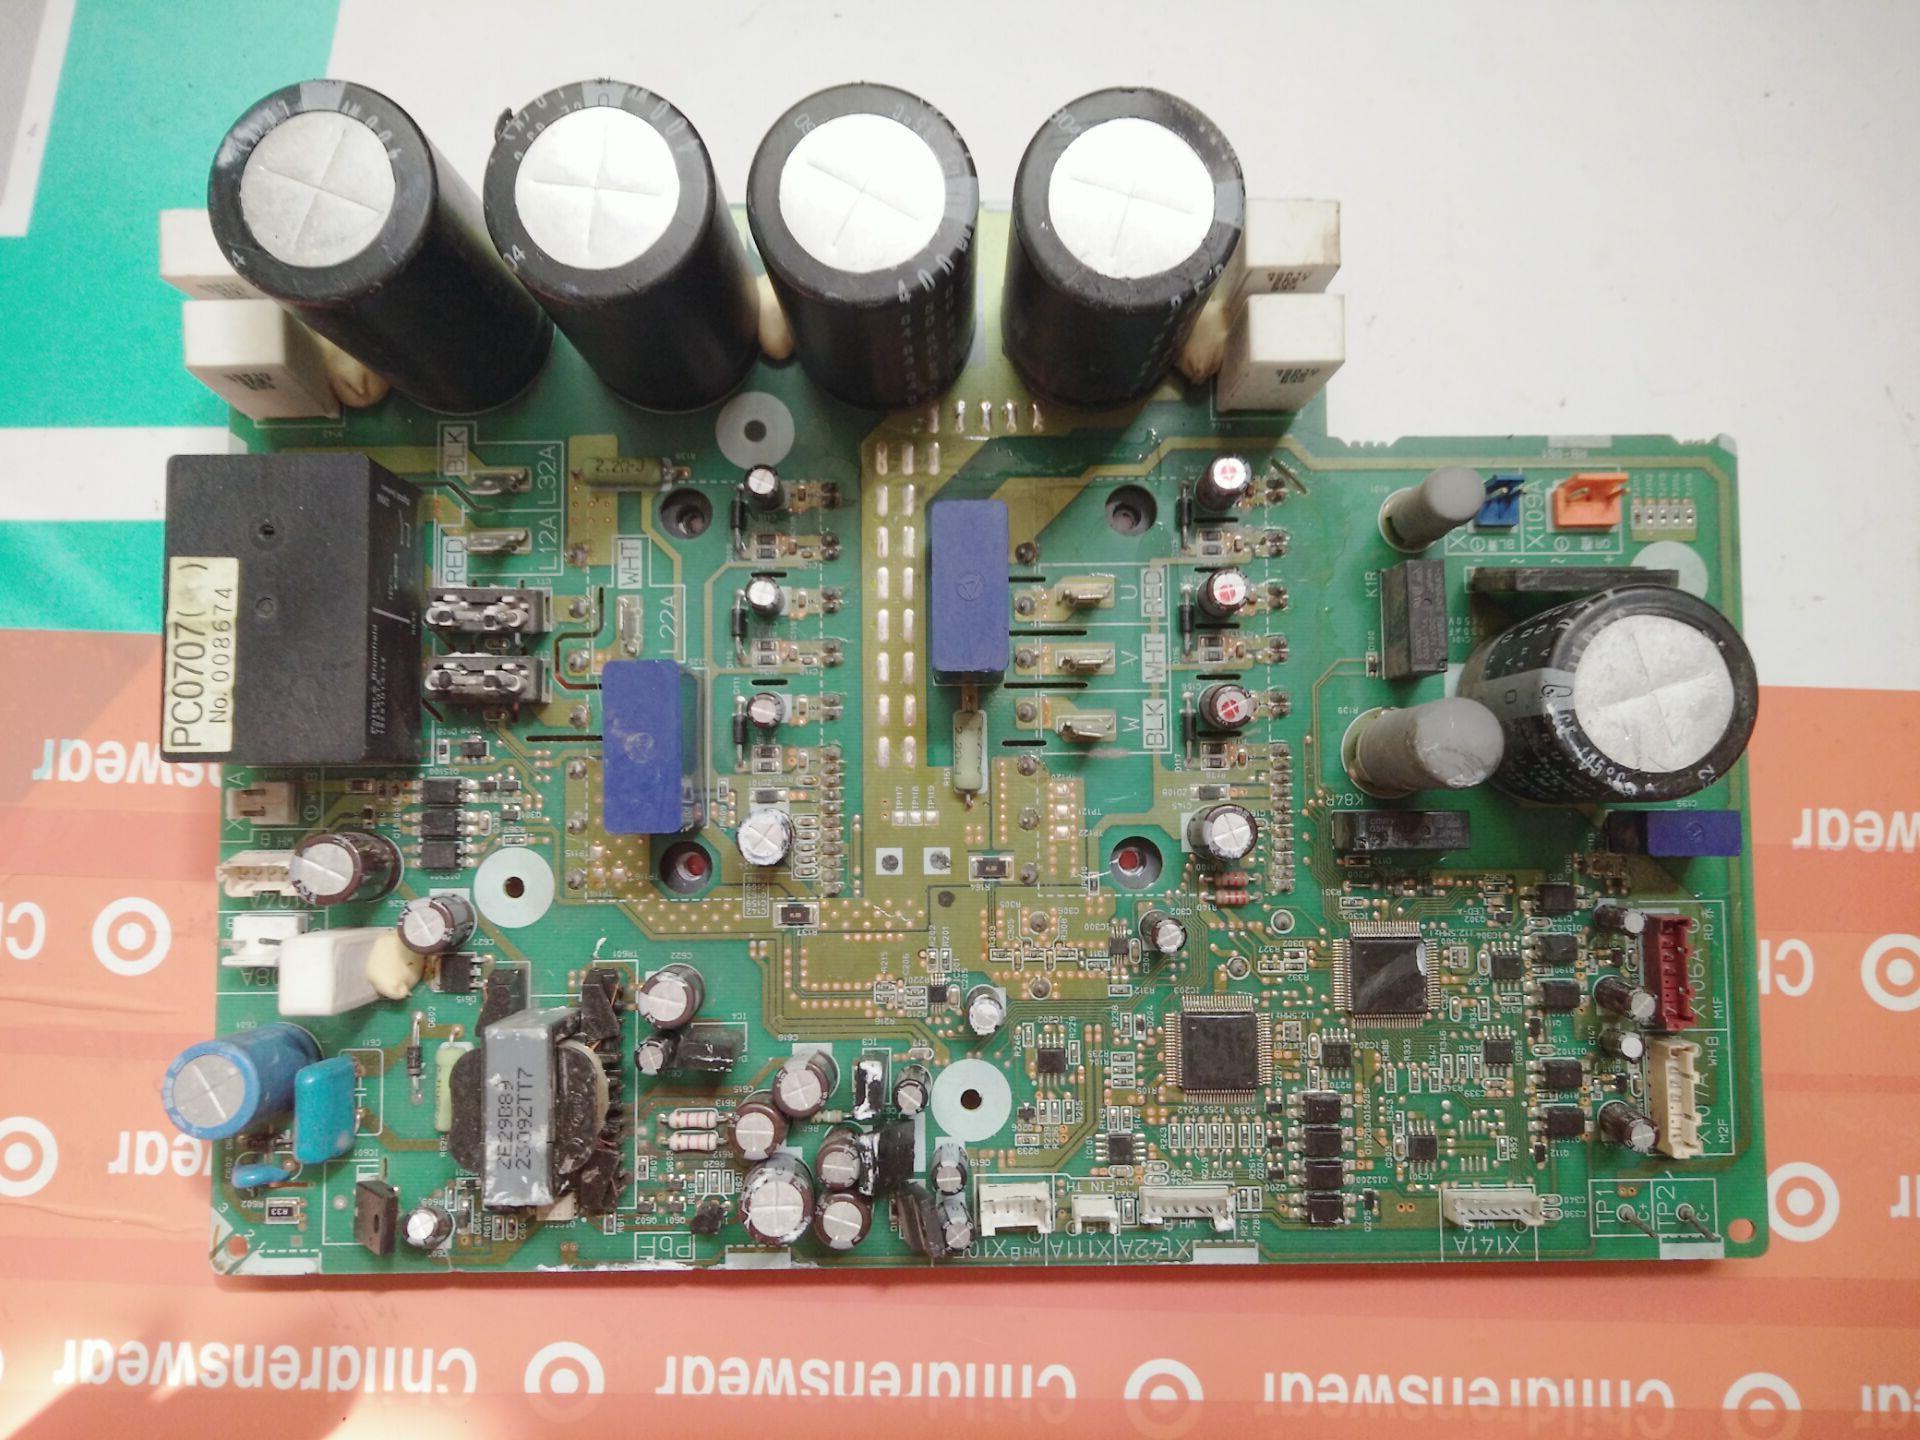 кондиционирования Daikin компьютер компьютер Совета Совет RZQ125KMY3CPC0707ARMXS160EY1C преобразования частоты